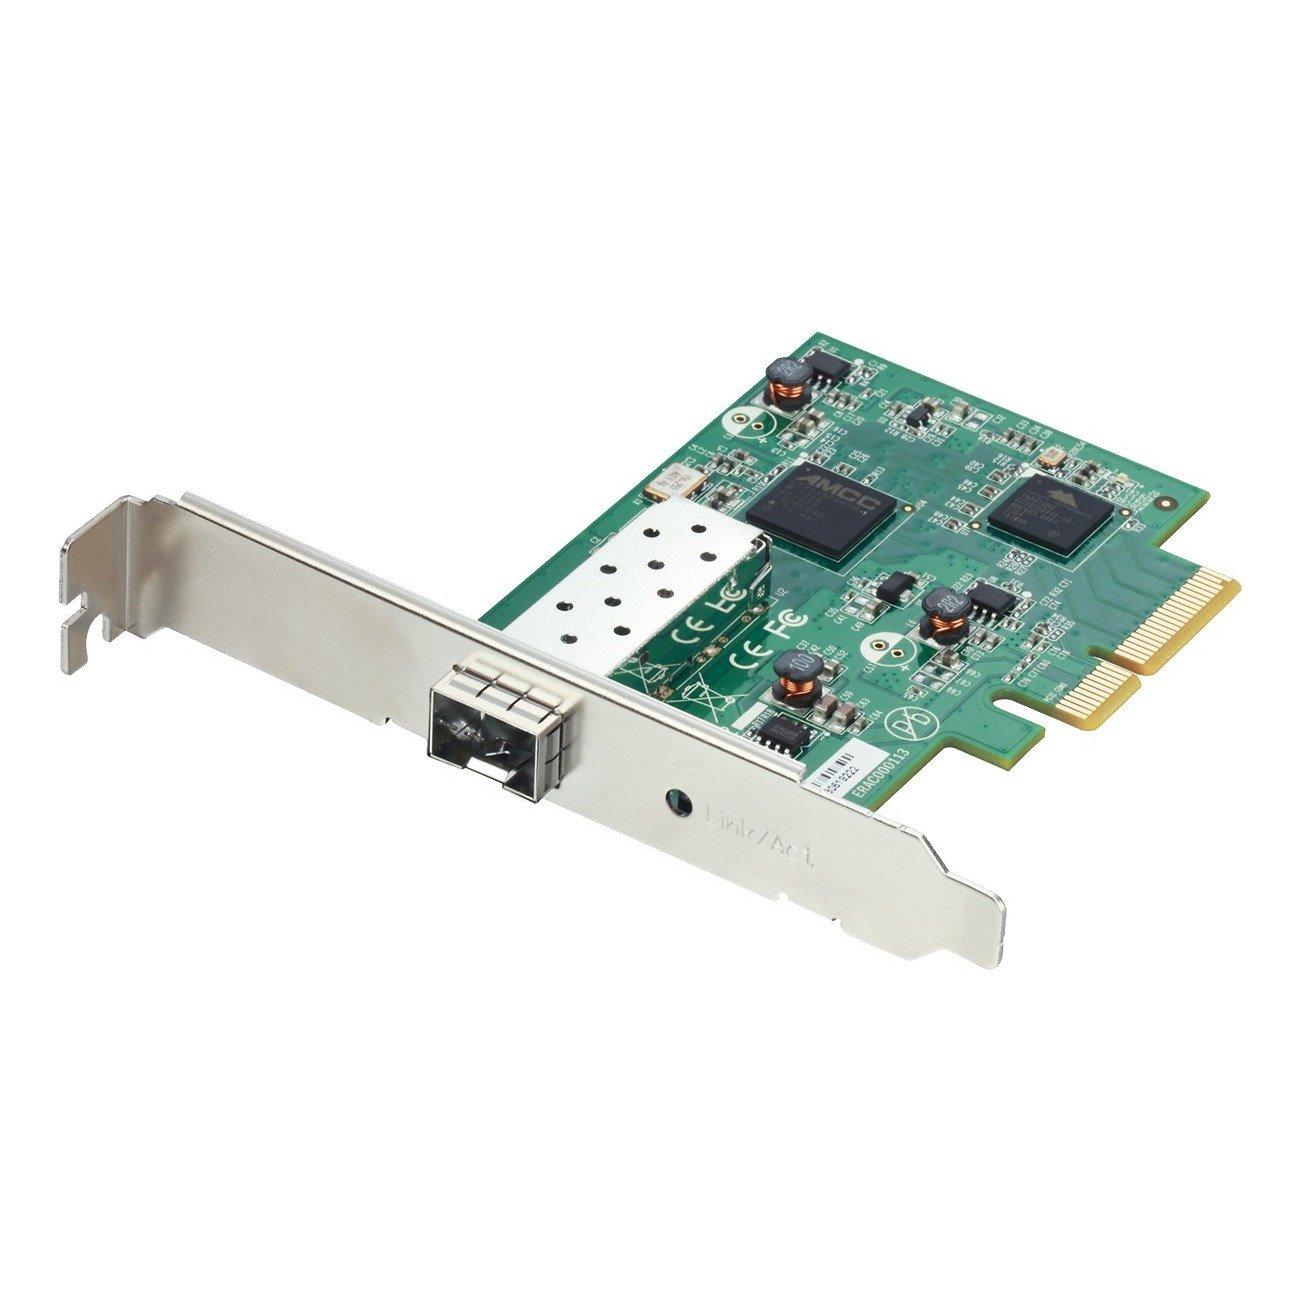 D-Link DXE-810S 10Gigabit Ethernet Card for Computer